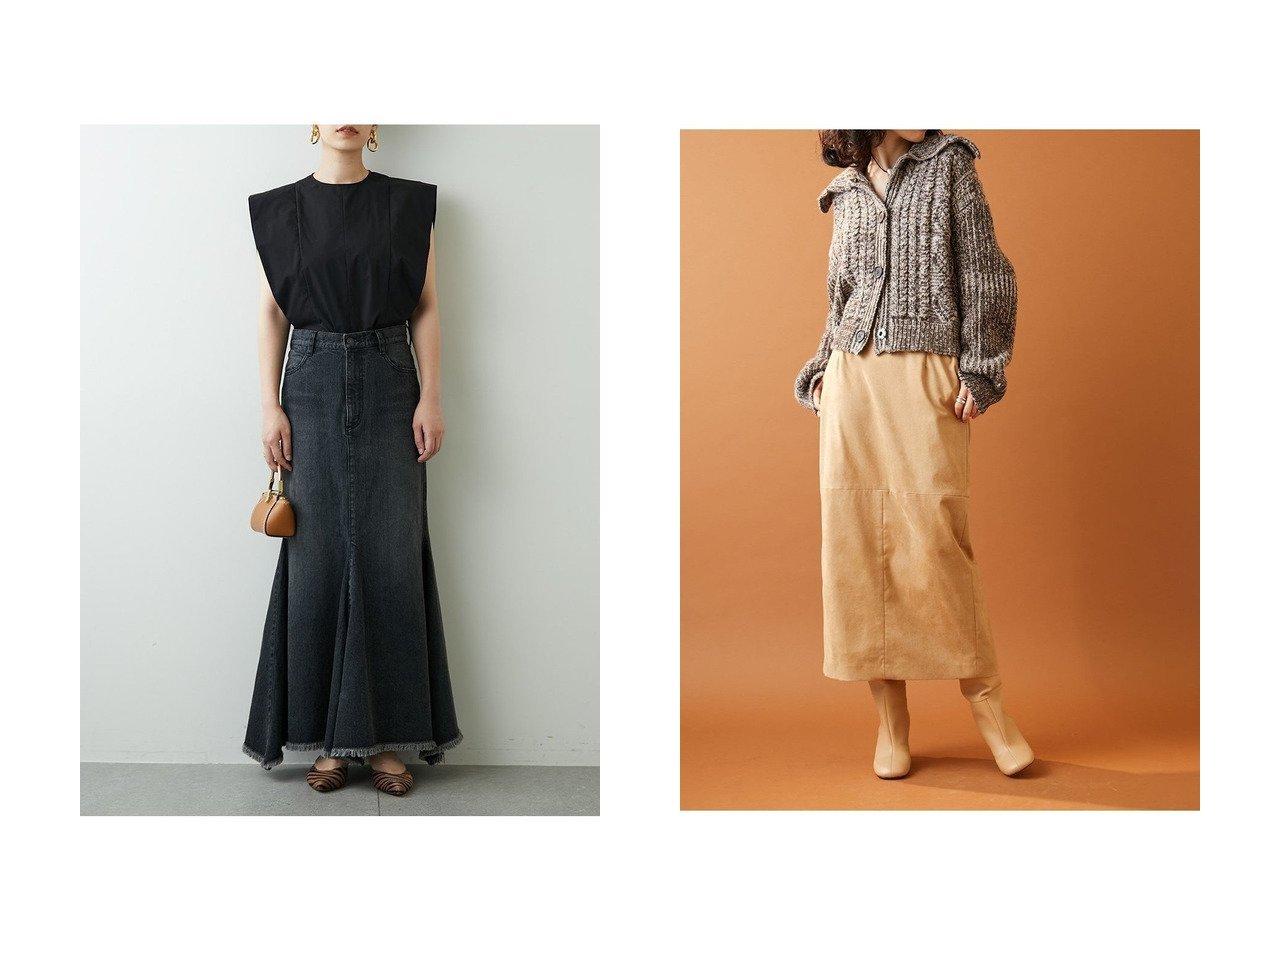 【Whim Gazette/ウィムガゼット】のデニムマーメイドスカート&【オンラインストア限定】フェイクスエードタイトスカート 【スカート】おすすめ!人気、トレンド・レディースファッションの通販 おすすめで人気の流行・トレンド、ファッションの通販商品 インテリア・家具・メンズファッション・キッズファッション・レディースファッション・服の通販 founy(ファニー) https://founy.com/ ファッション Fashion レディースファッション WOMEN スカート Skirt ロングスカート Long Skirt 2020年 2020 2020-2021秋冬・A/W AW・Autumn/Winter・FW・Fall-Winter/2020-2021 2021年 2021 2021-2022秋冬・A/W AW・Autumn/Winter・FW・Fall-Winter・2021-2022 A/W・秋冬 AW・Autumn/Winter・FW・Fall-Winter シューズ デニム バランス フィット ブリーチ マーメイド ロング  ID:crp329100000068568